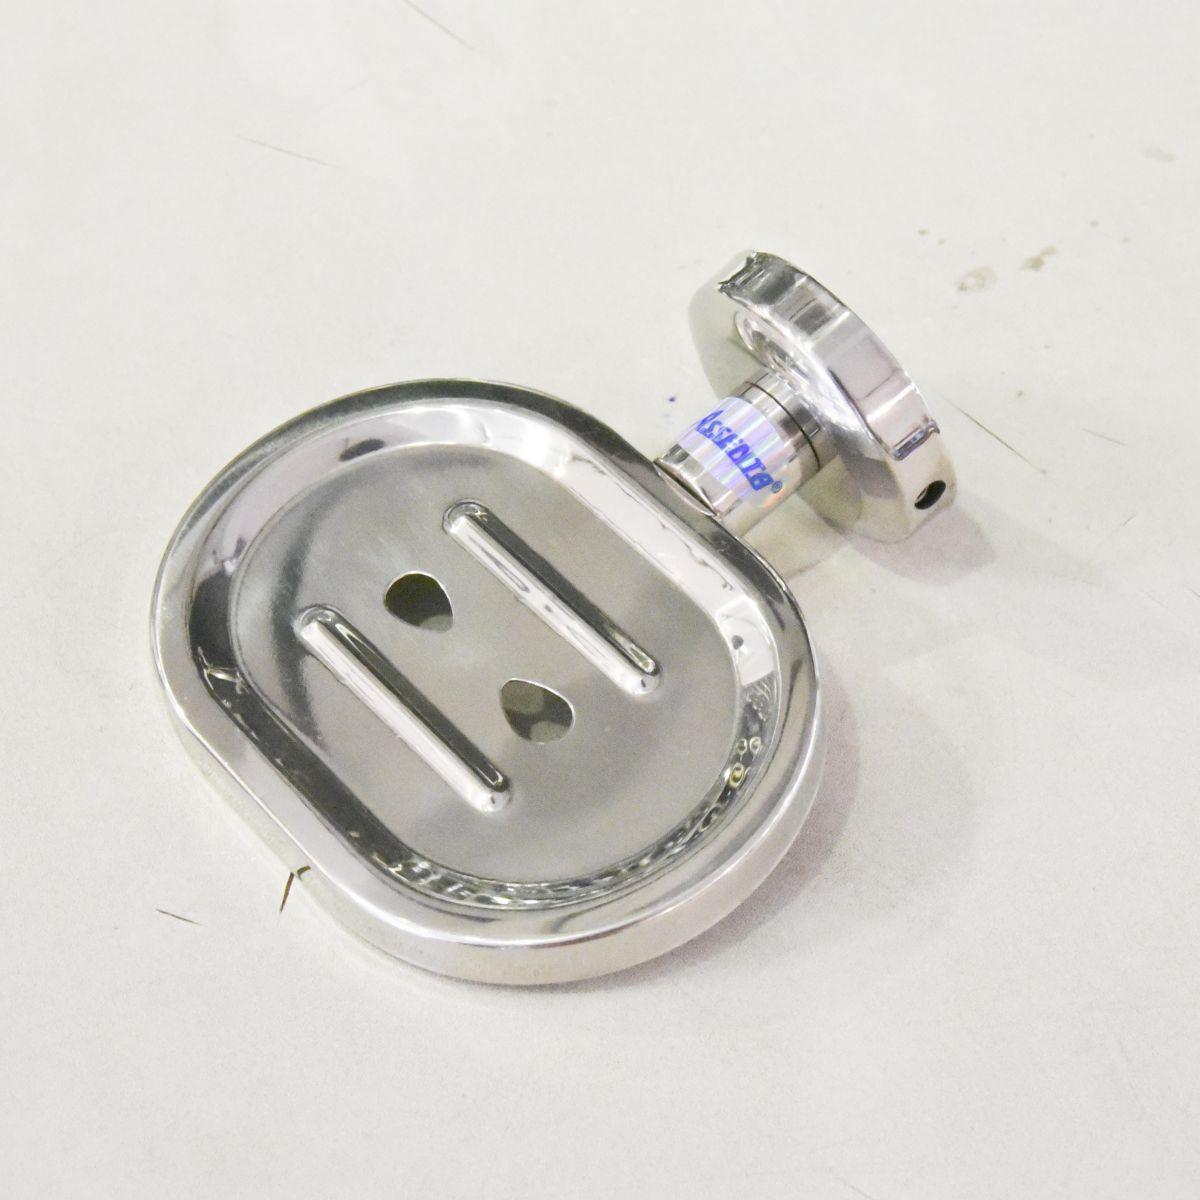 Kệ để xà phòng inox Outlet 02 là sản phẩm thiết bị vệ sinh outlet, xả kho, thanh lý một số mặt hàng trưng bày, giá khuyến mãi cực kỳ hấp dẫn, đến ngay showroom Hita tại Tphcm